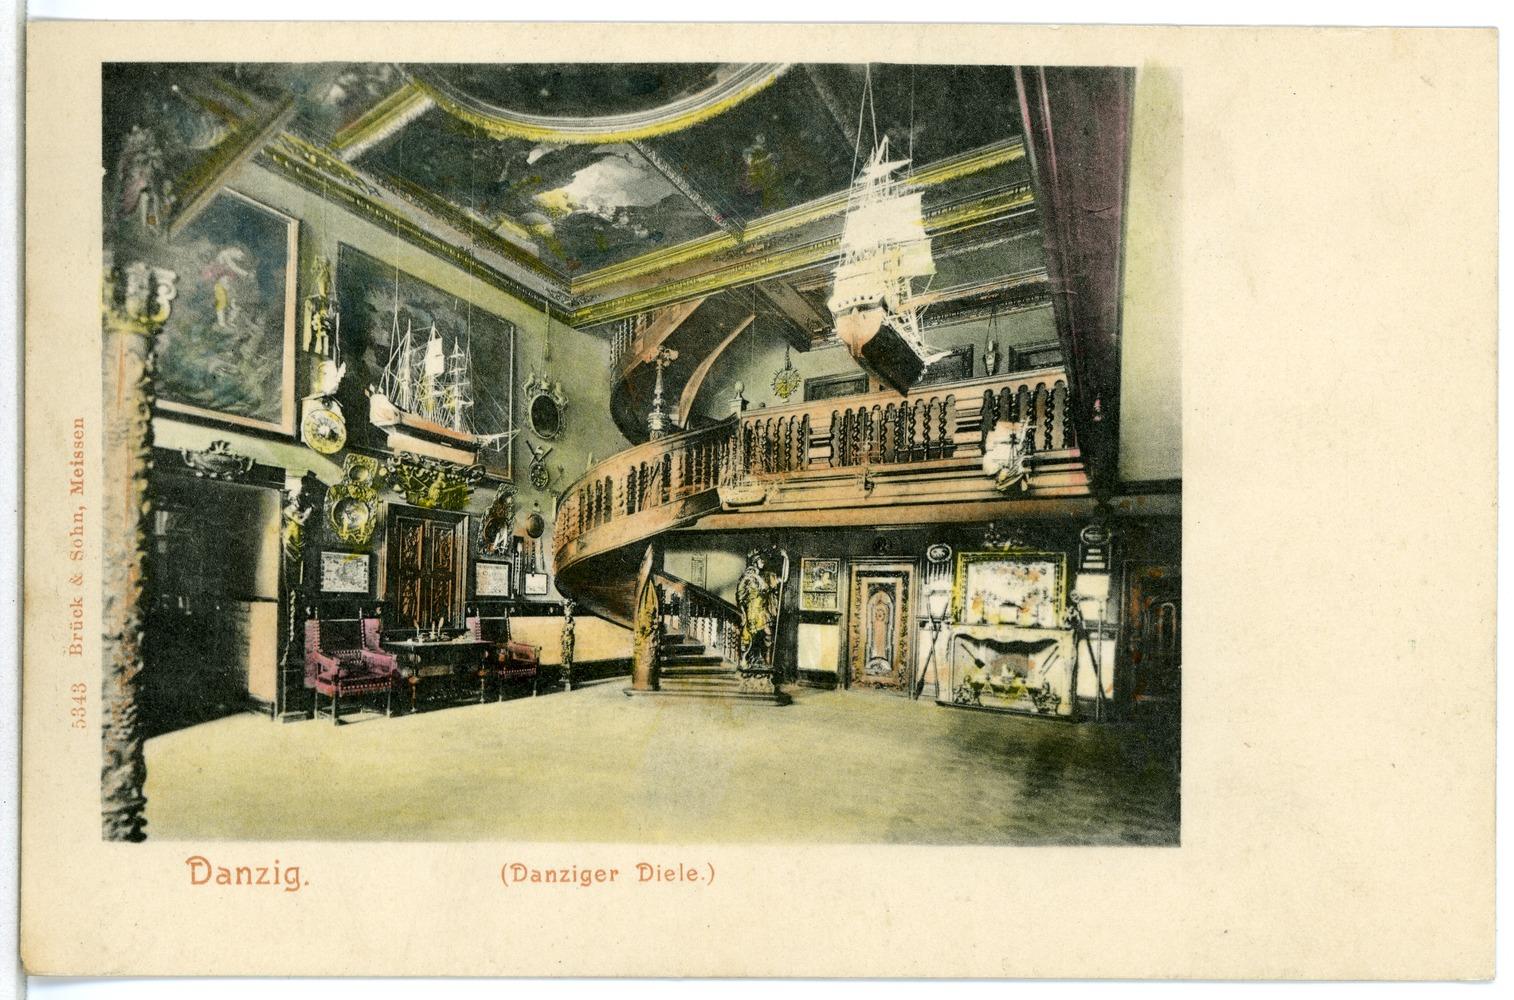 Eitelkeit Diele Modern Dekoration Von File:05343-danzig-1904-danziger Diele-brück & Sohn Kunstverlag.